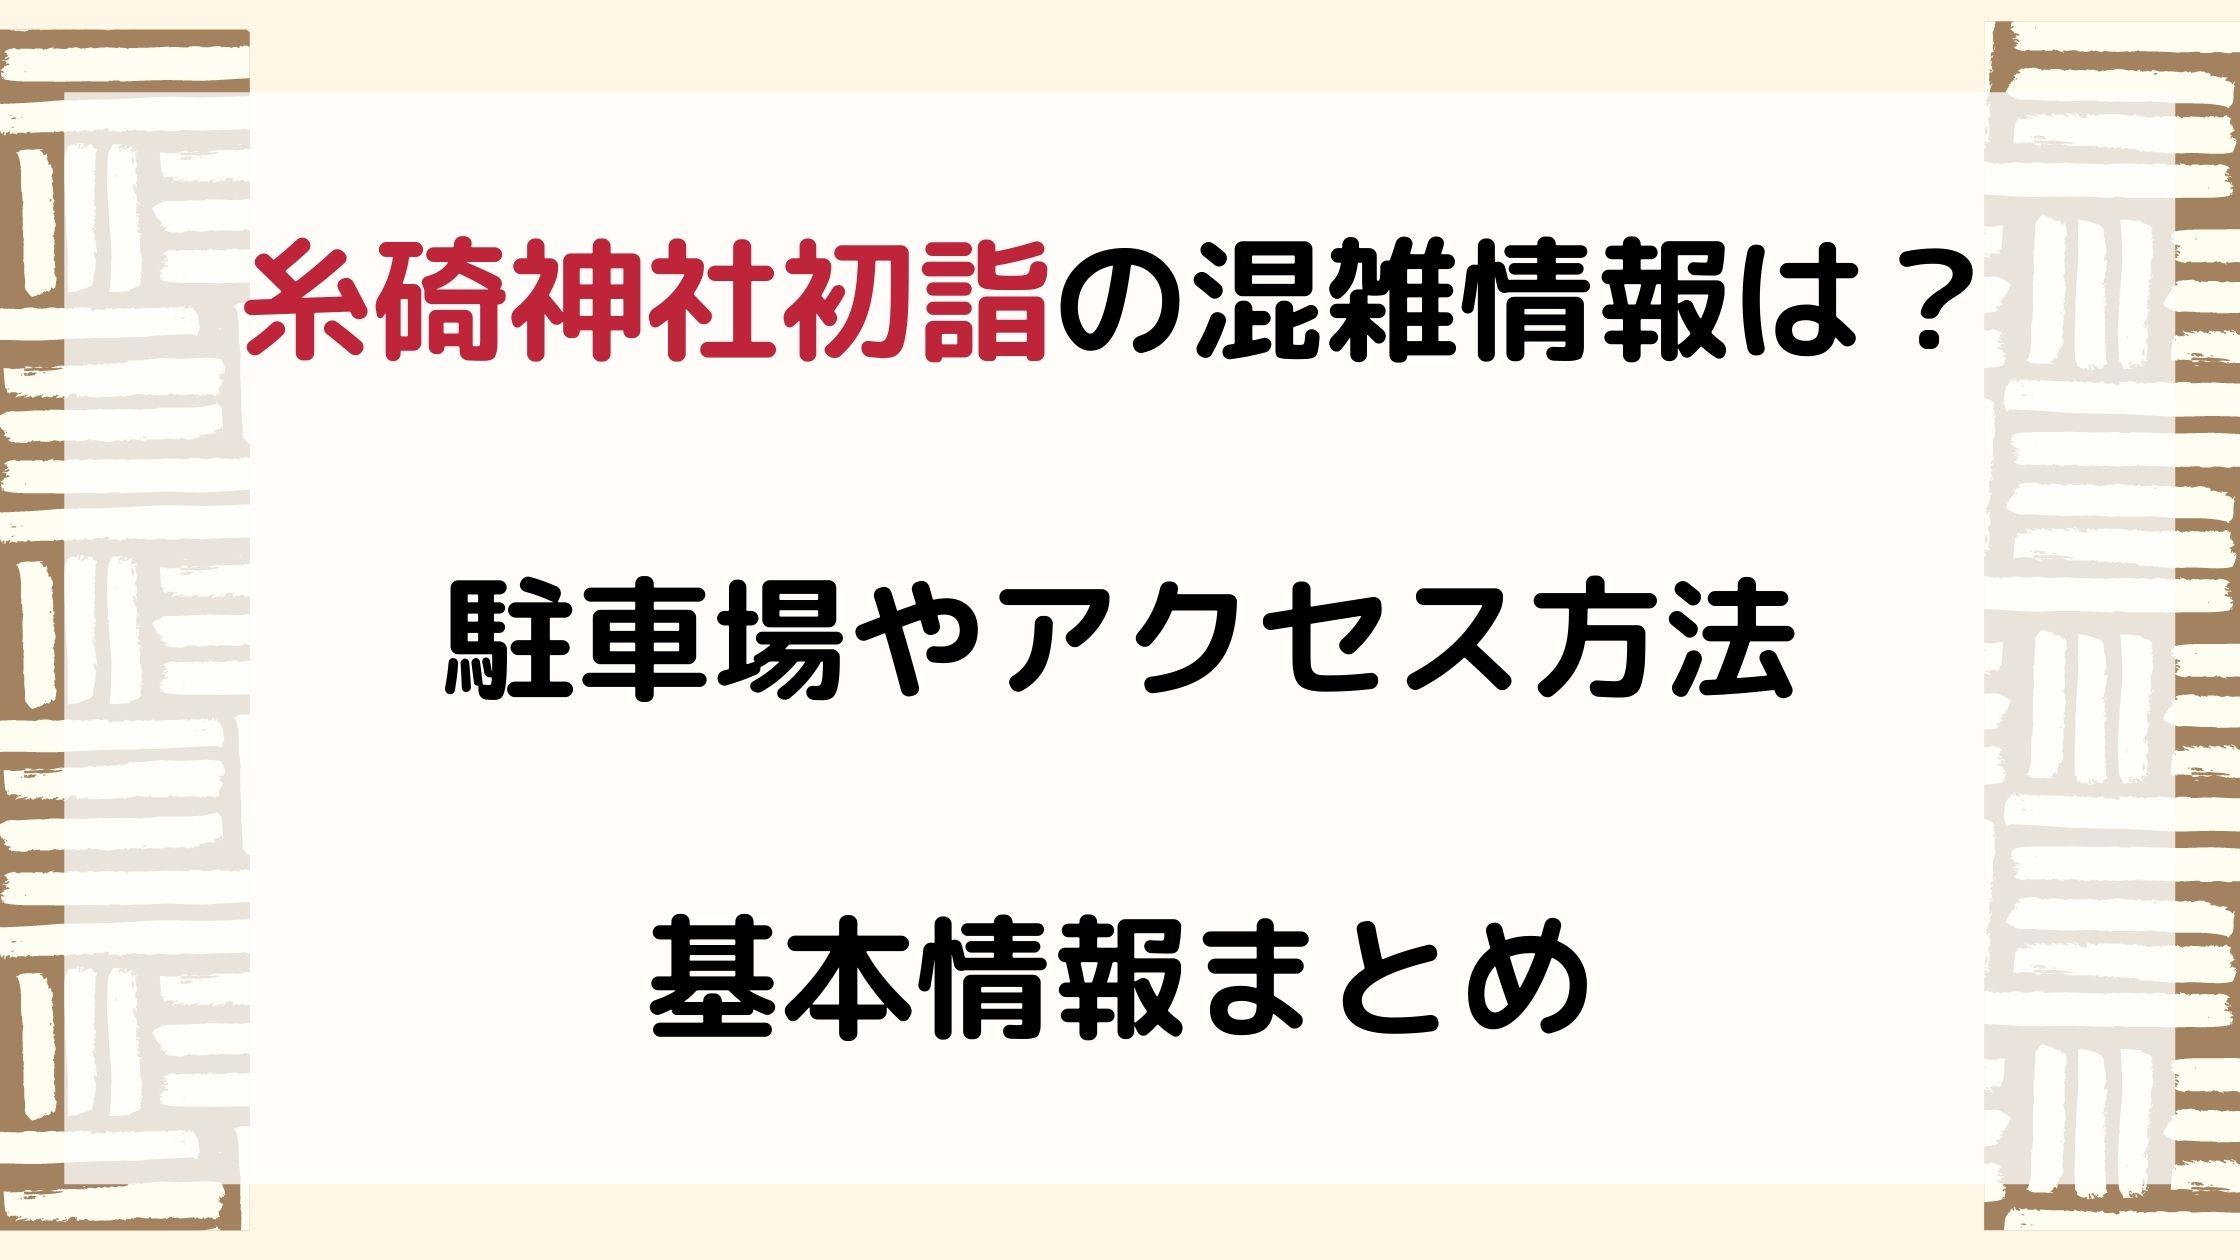 糸碕神社初詣2022の混雑情報は?駐車場やアクセス方法、基本情報まとめ